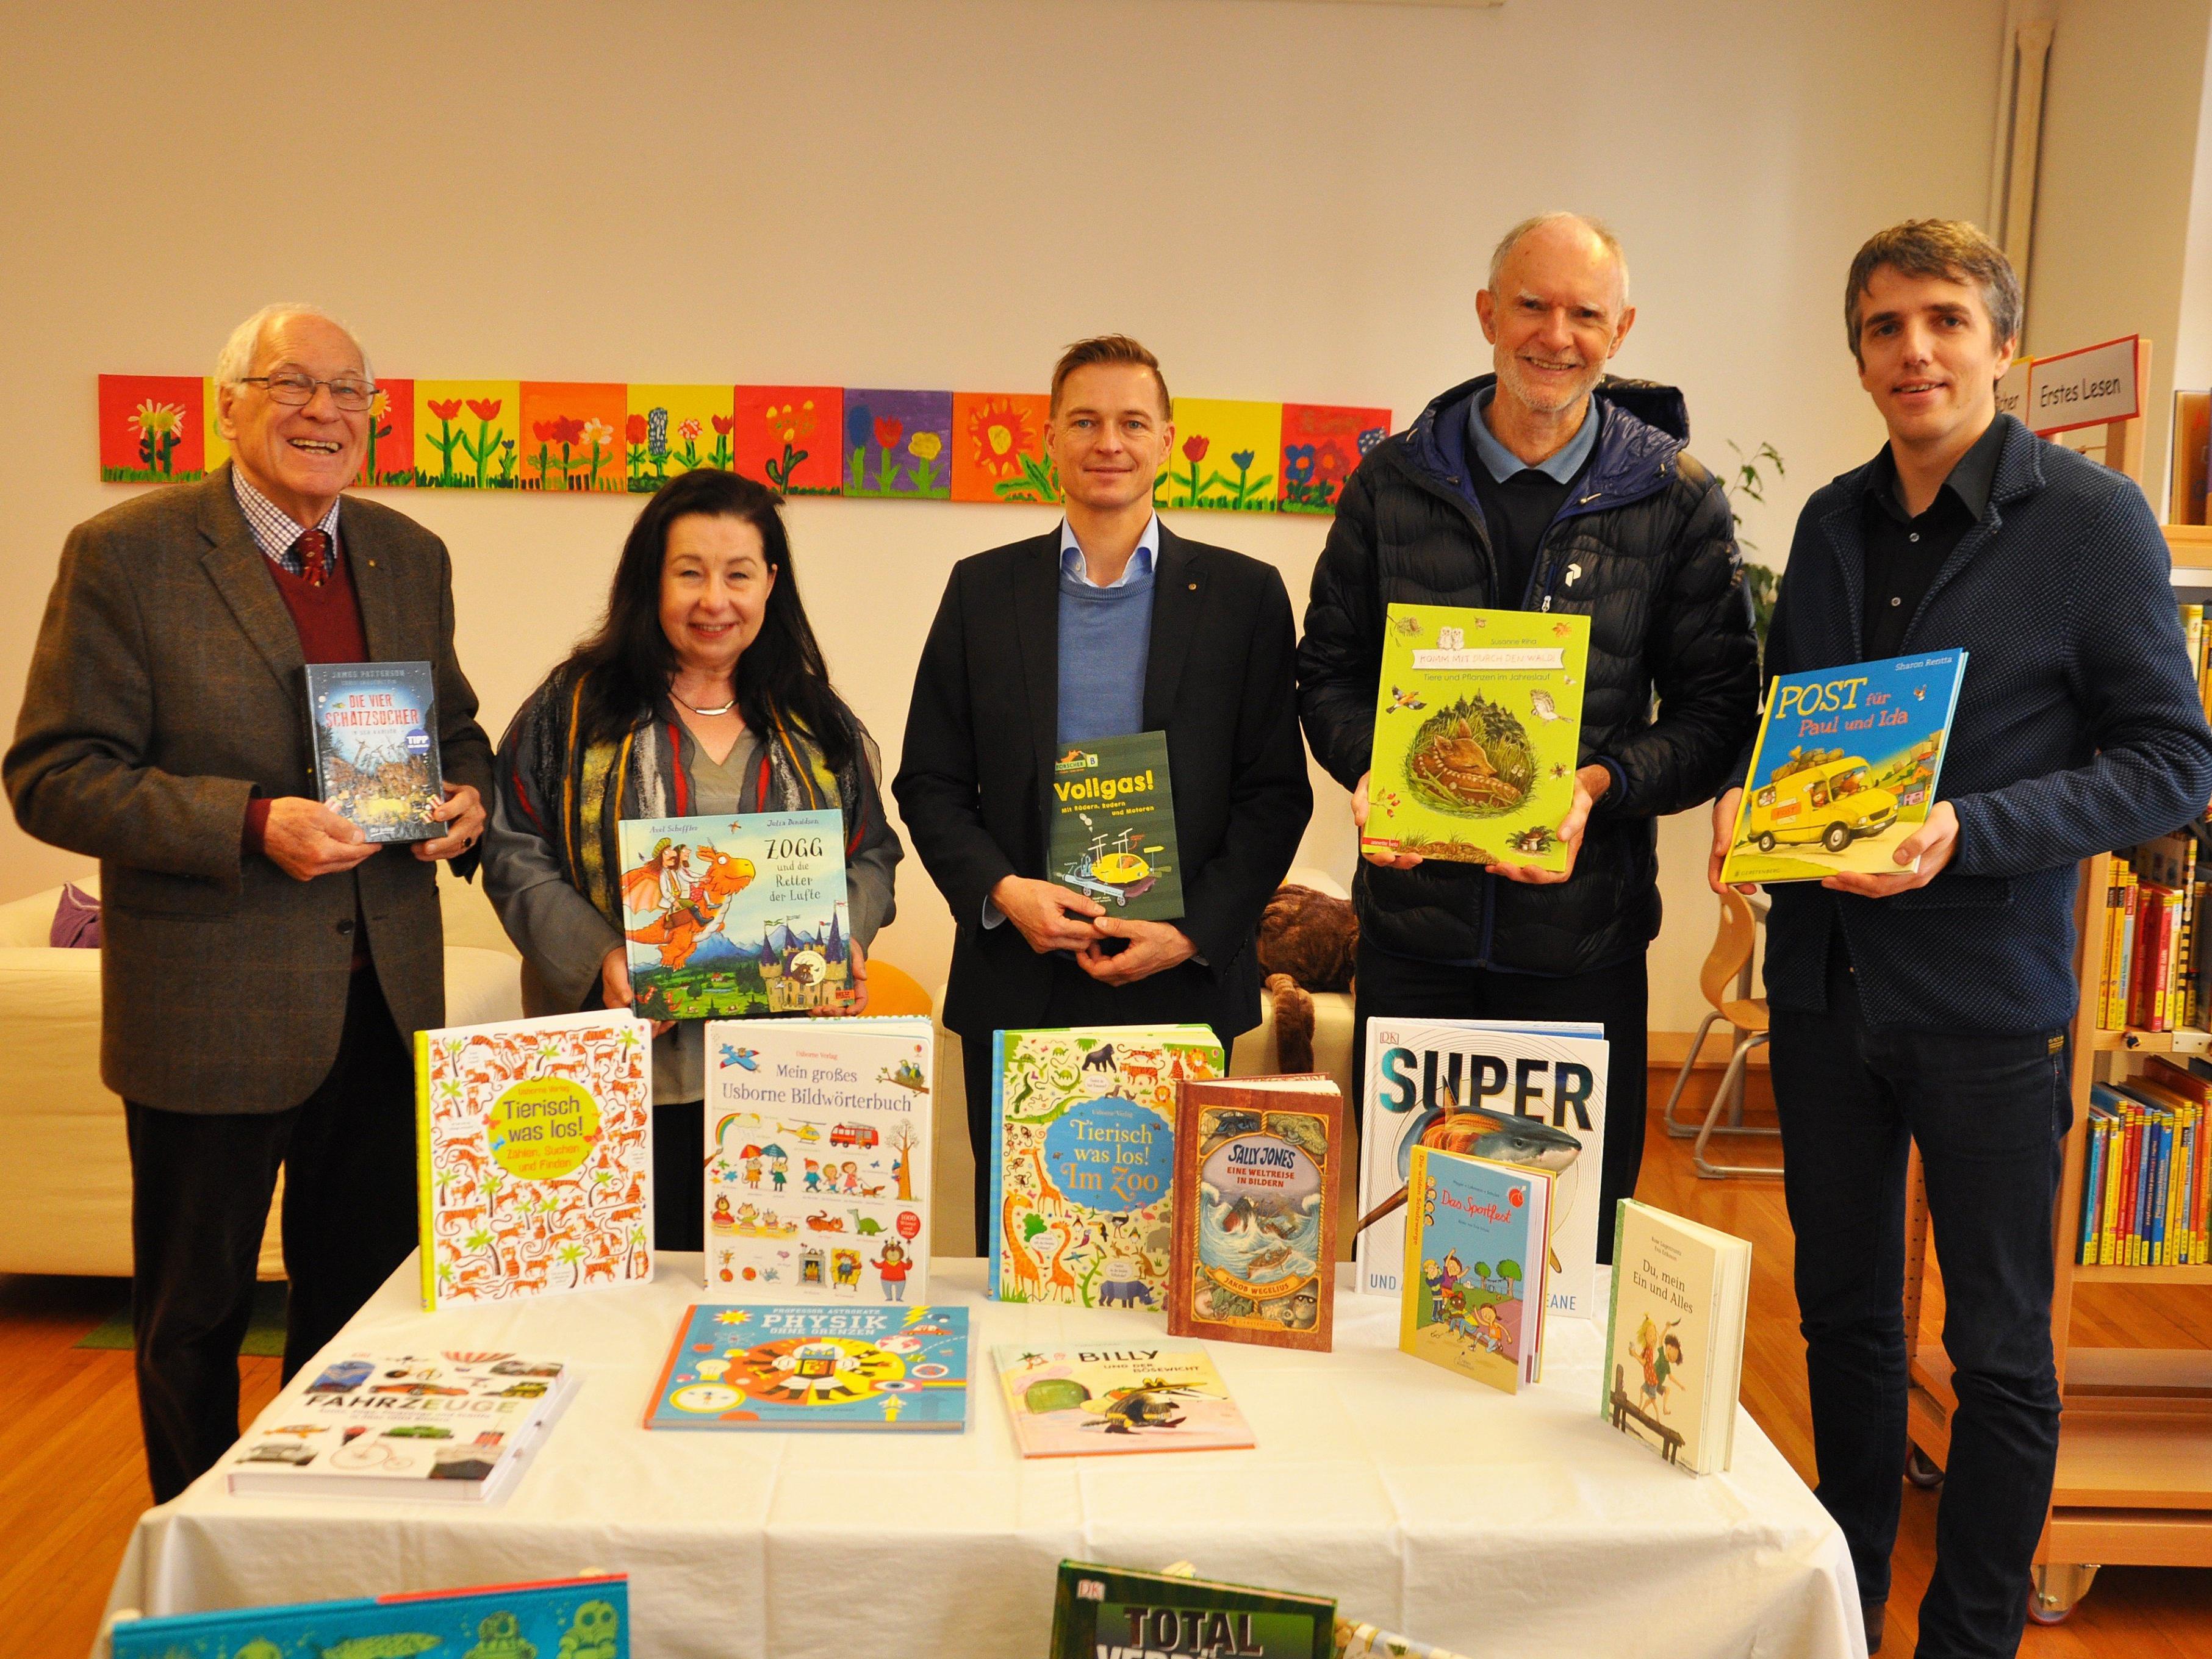 Der Rotary Club Dornbirn unterstützt die VS Markt mit Lesepaten und einer Bücherspende.